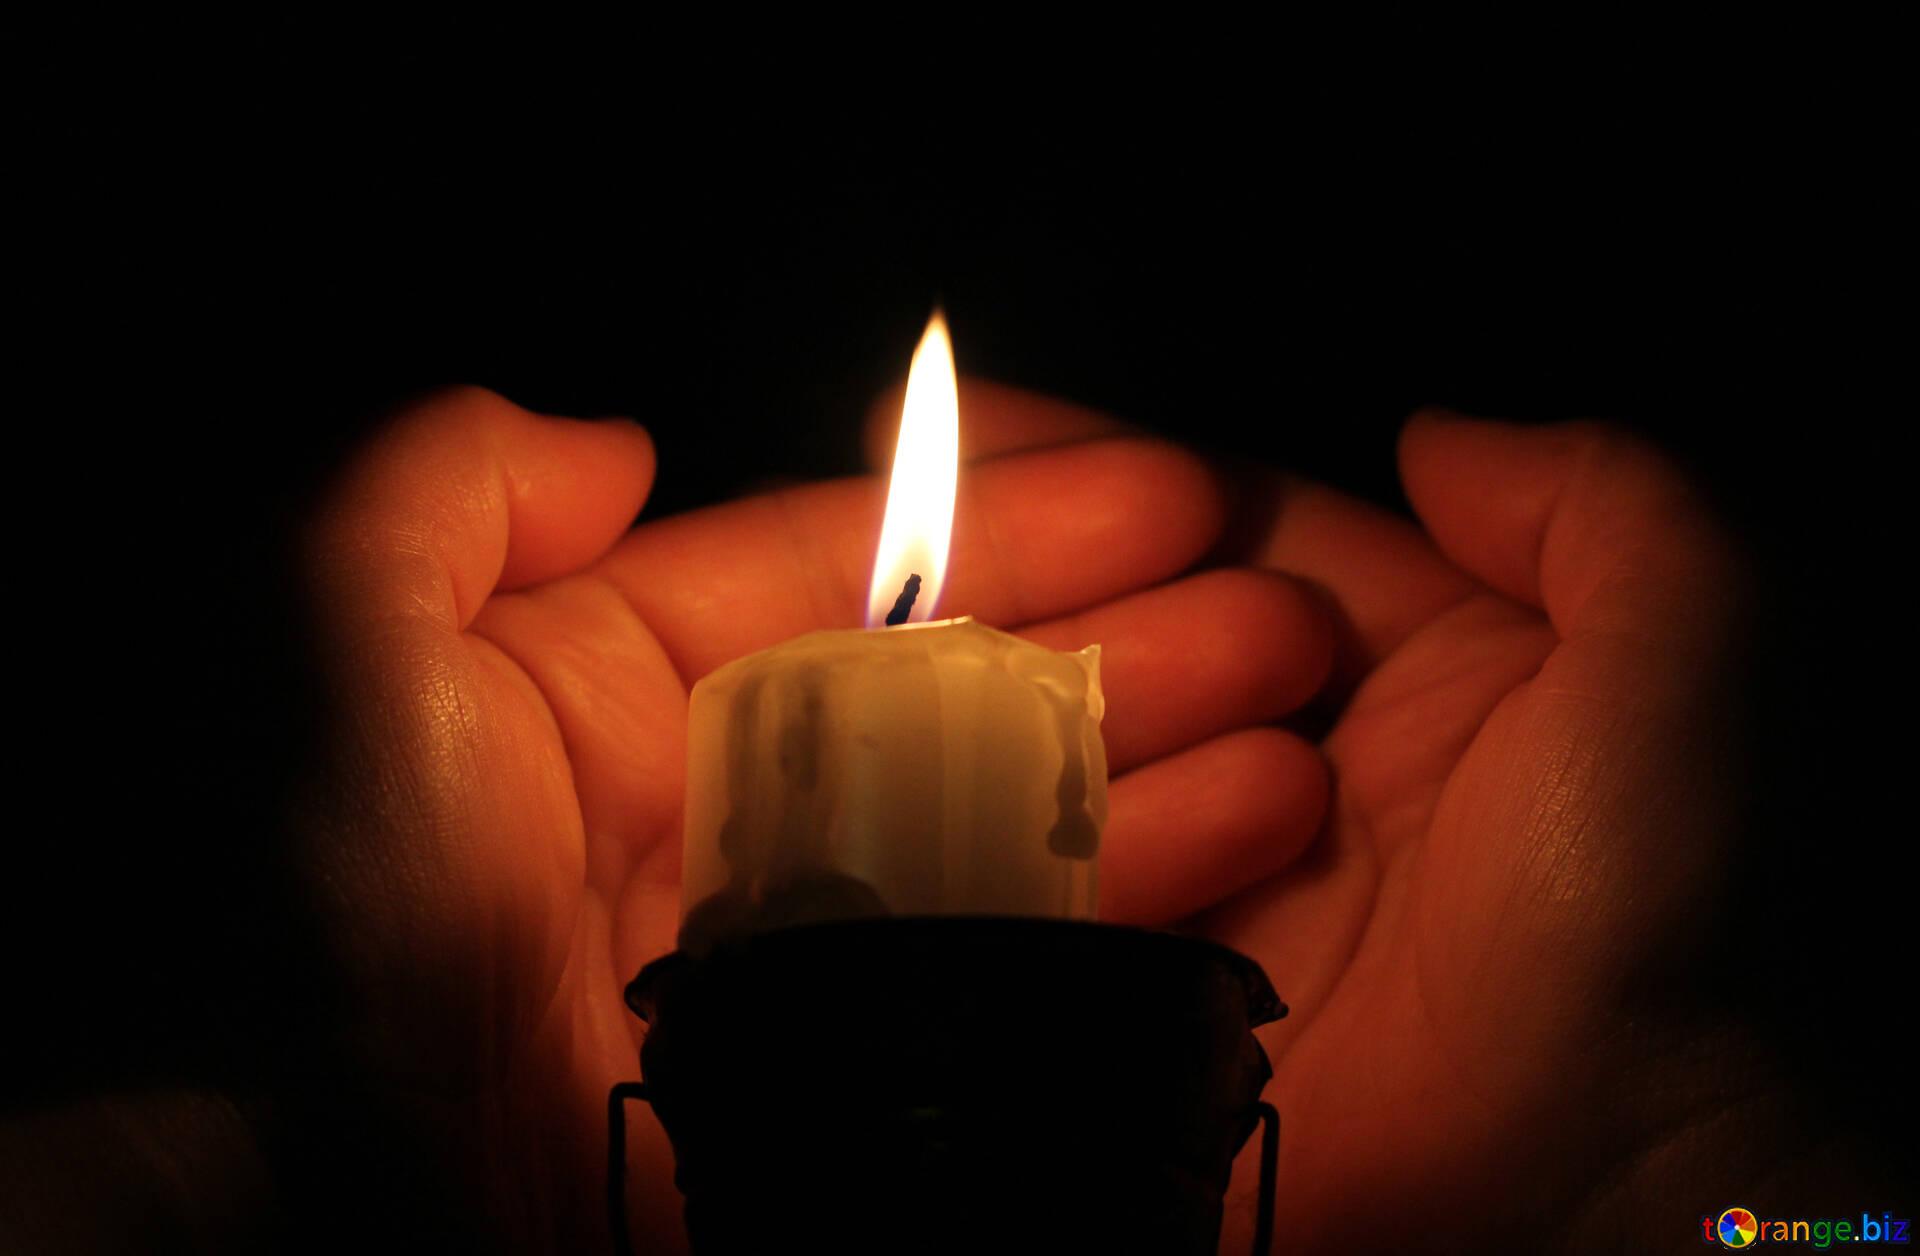 Картинки горящих свечей анимация